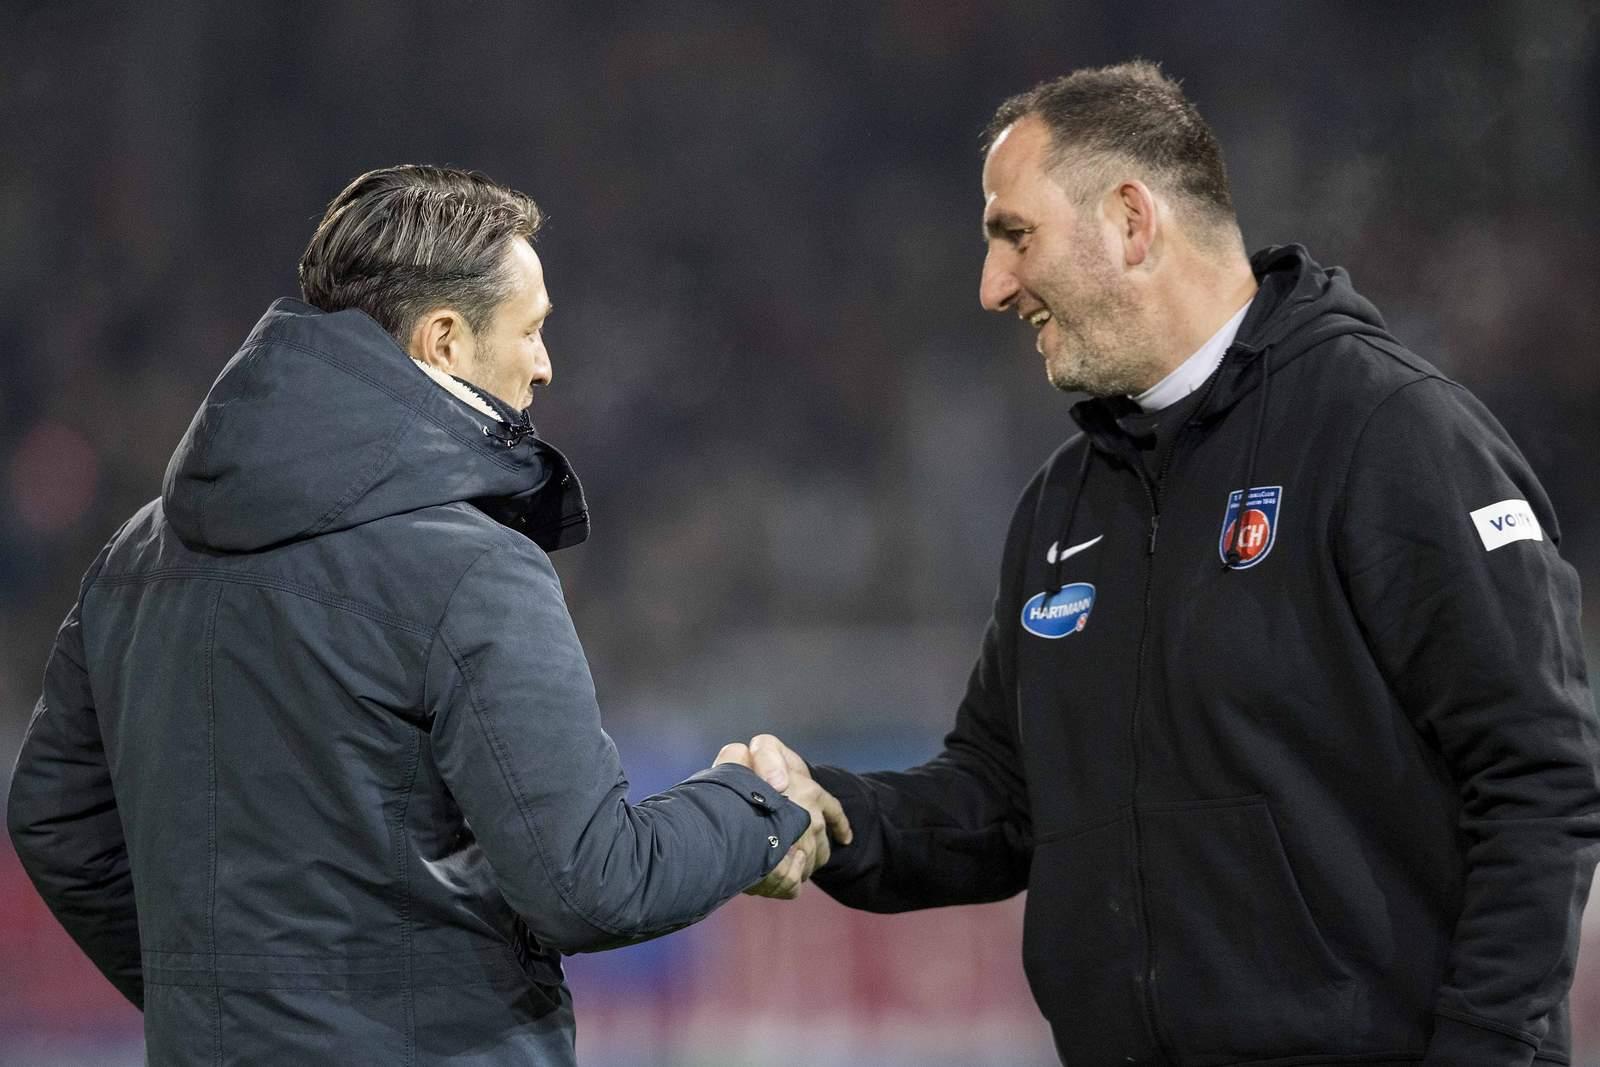 Setzt sich Kovac gegen Schmidt durch? Jetzt auf Bayern gegen Heidenheim wetten